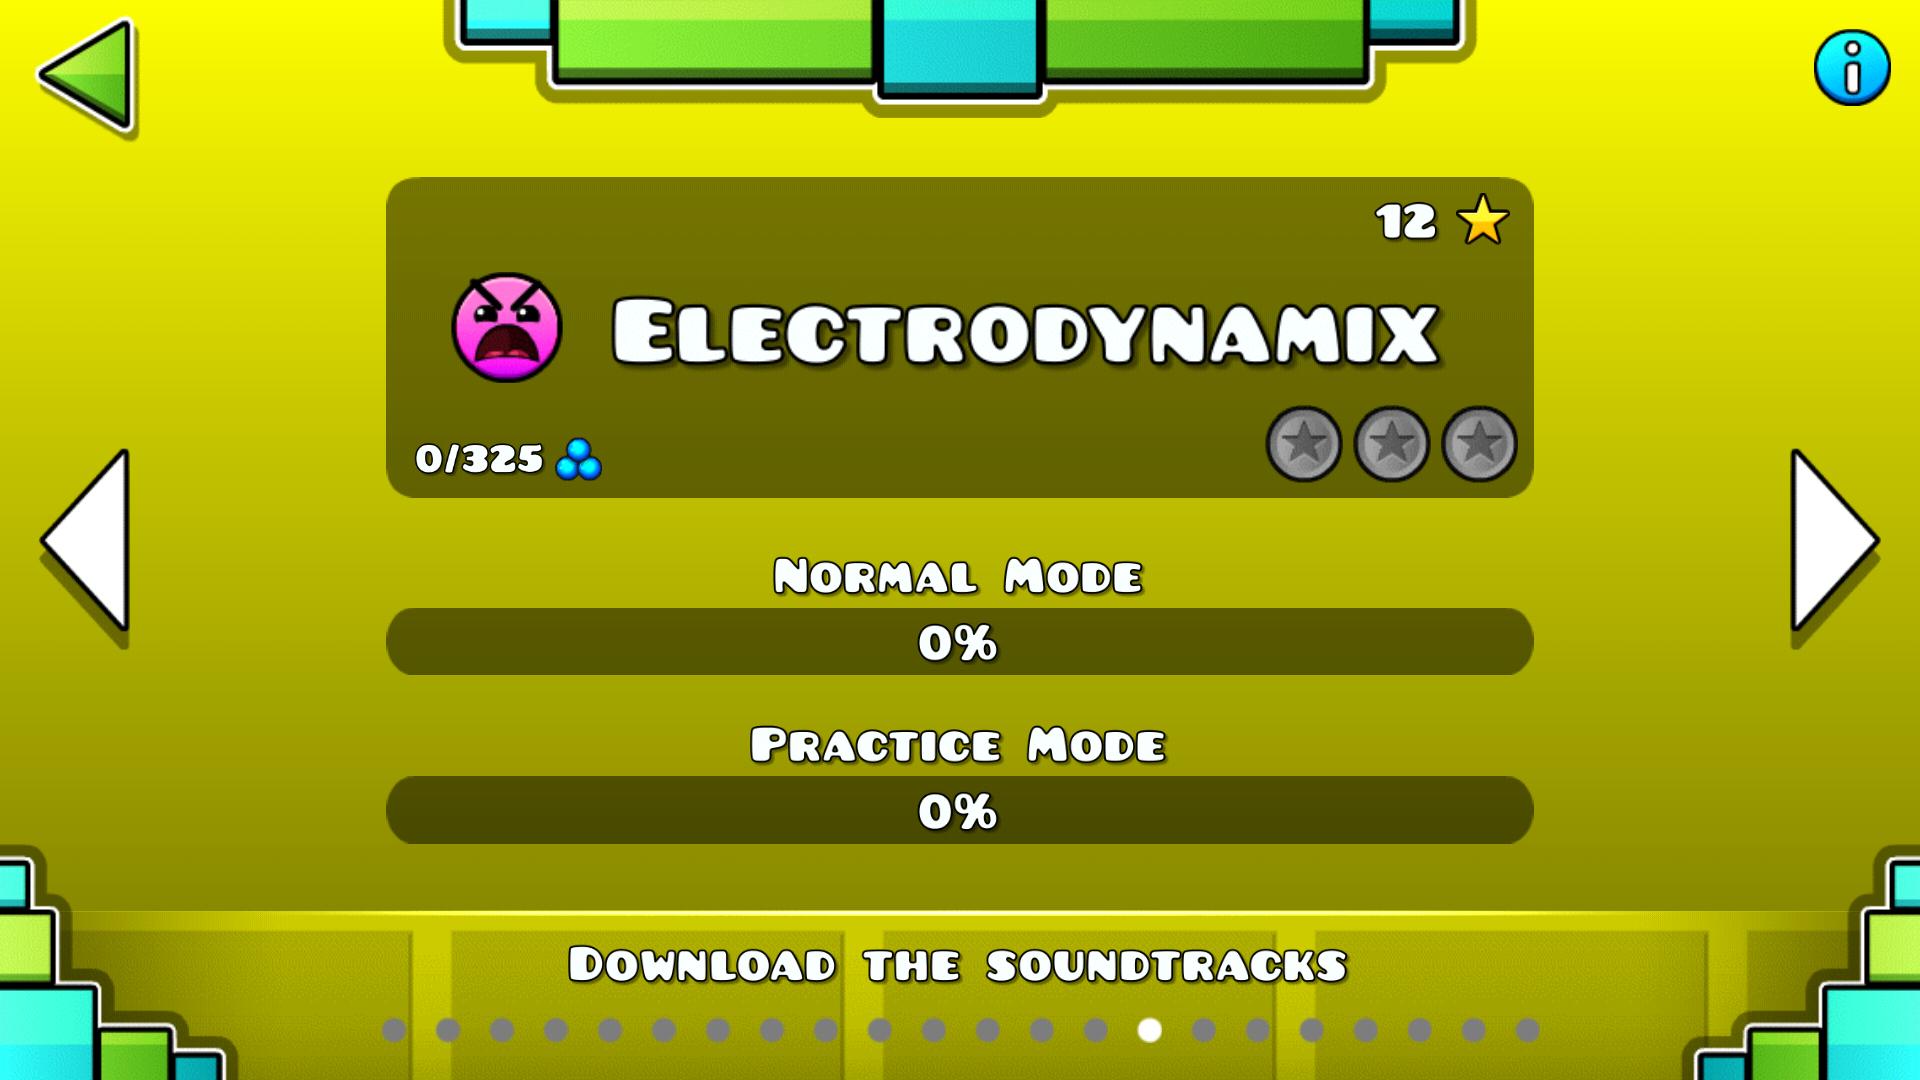 ElectrodynamixMenu.png